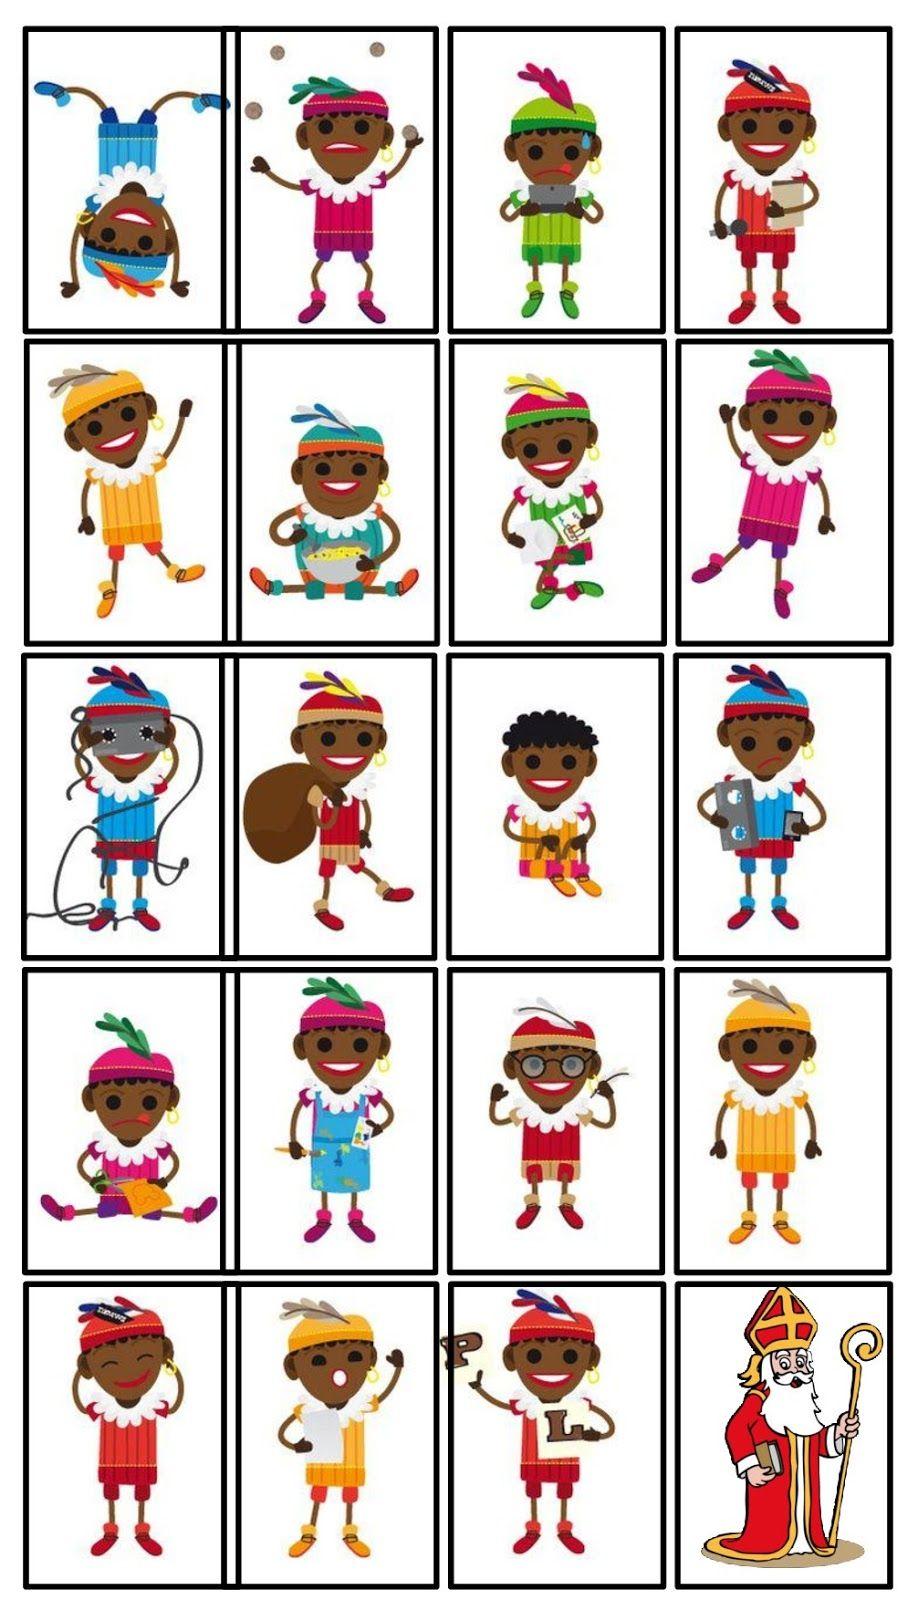 Onderwijs en zo voort ........: 1818. Sinterklaas spelletjes : Zwarte Pieten Kaartspel #themasinterklaas